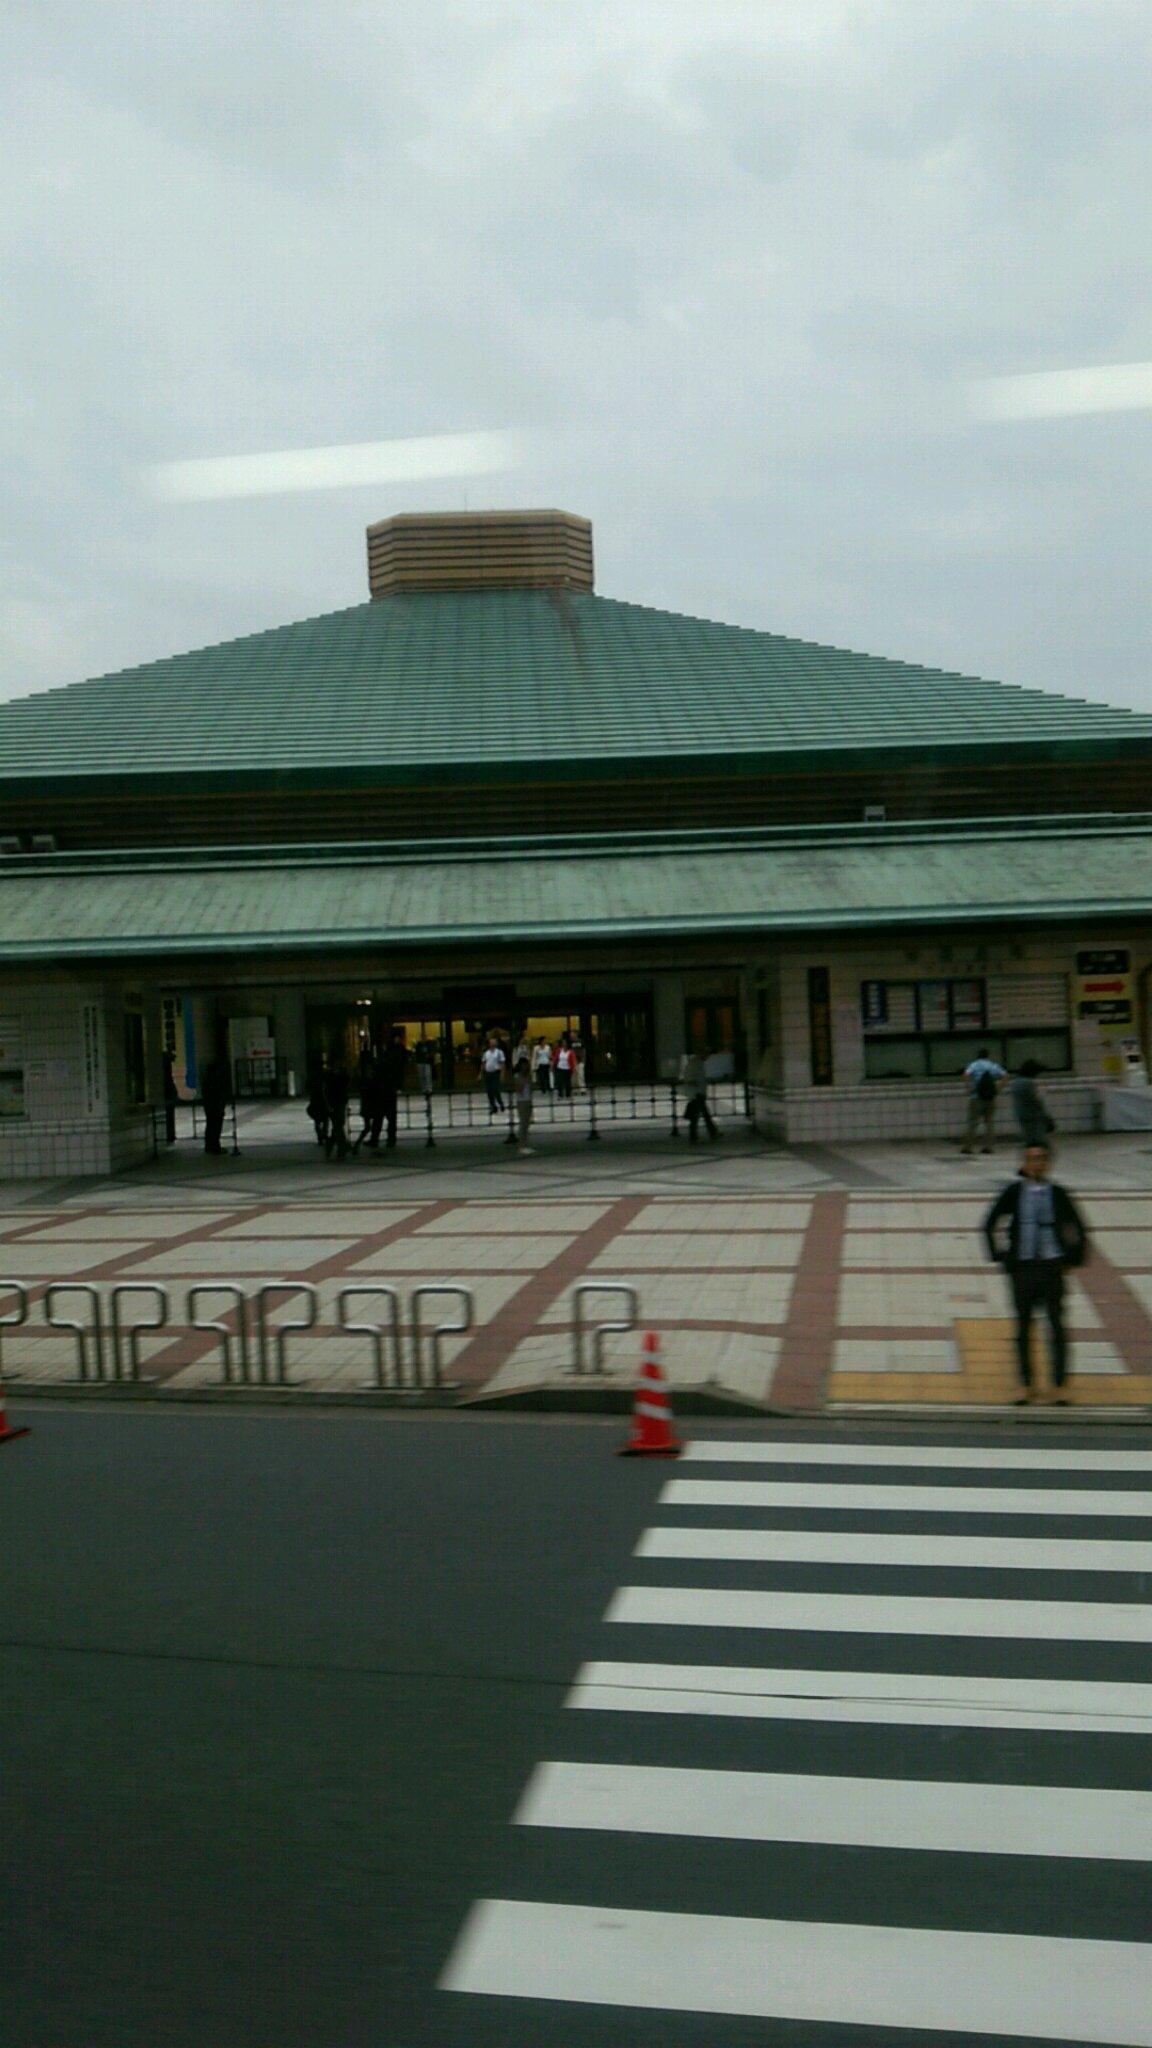 東京ドーム、ルミネtheよしもとへ